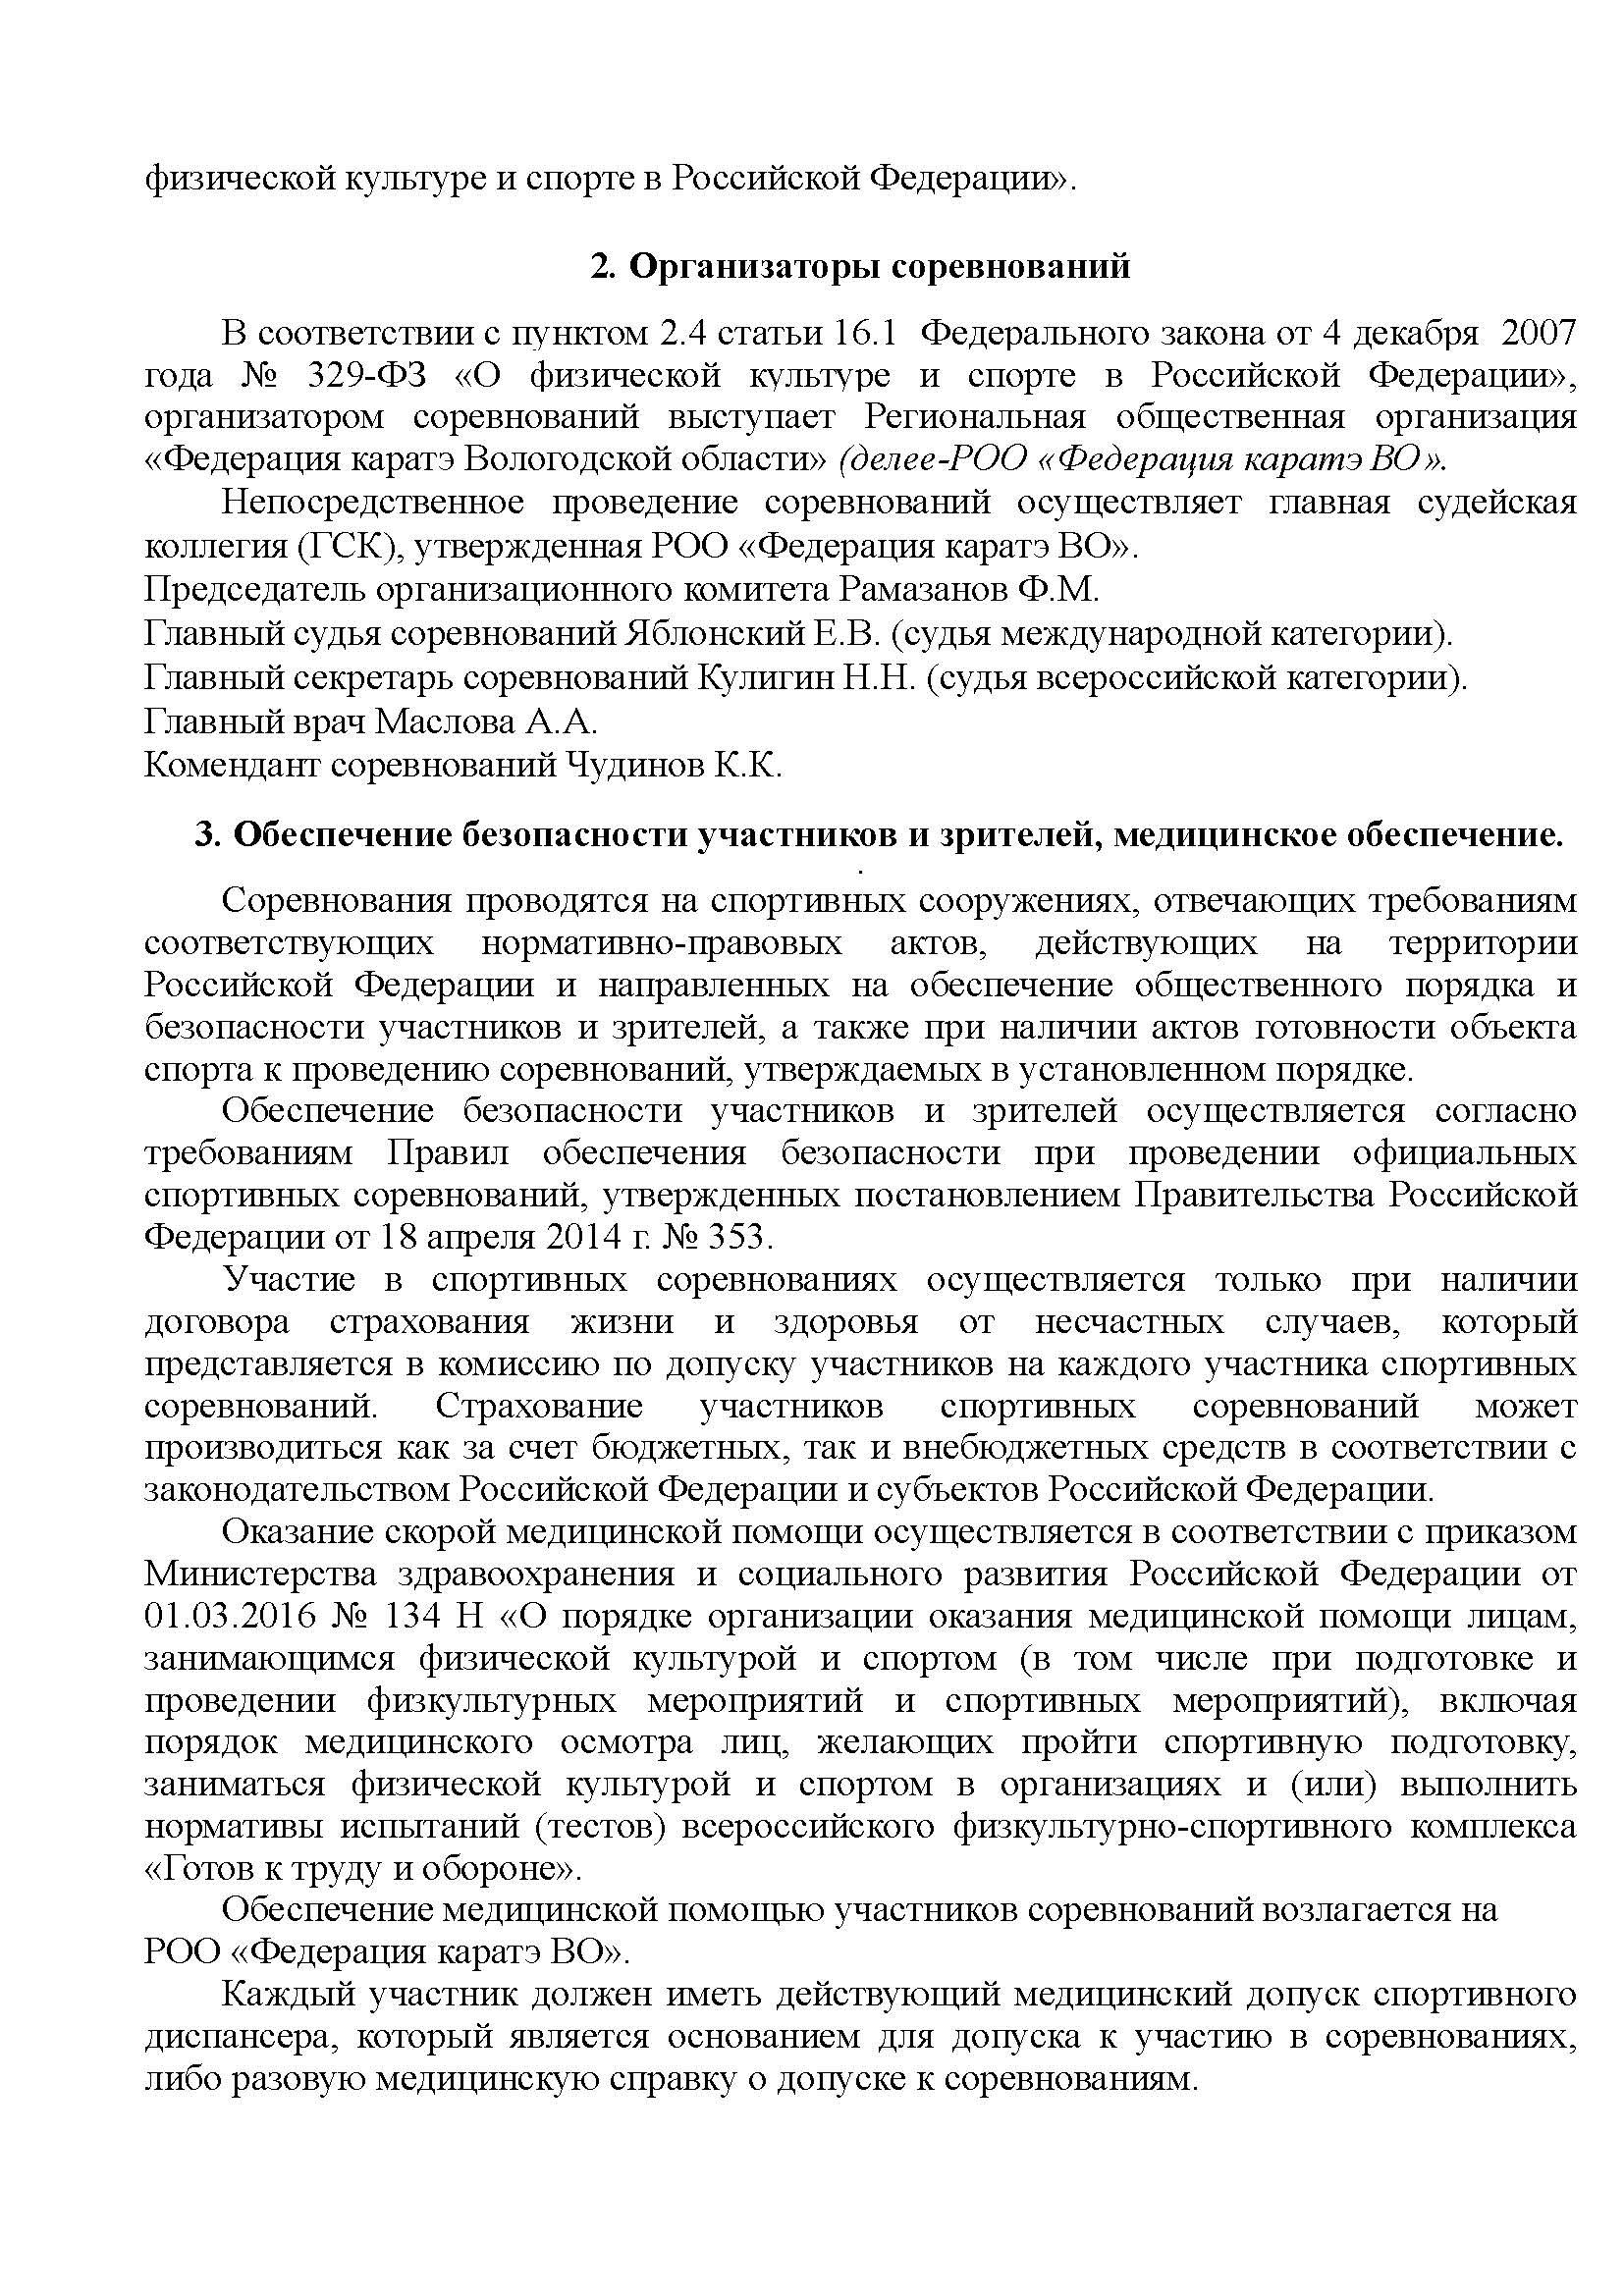 СЗФО-2020_001-Дети_Страница_2